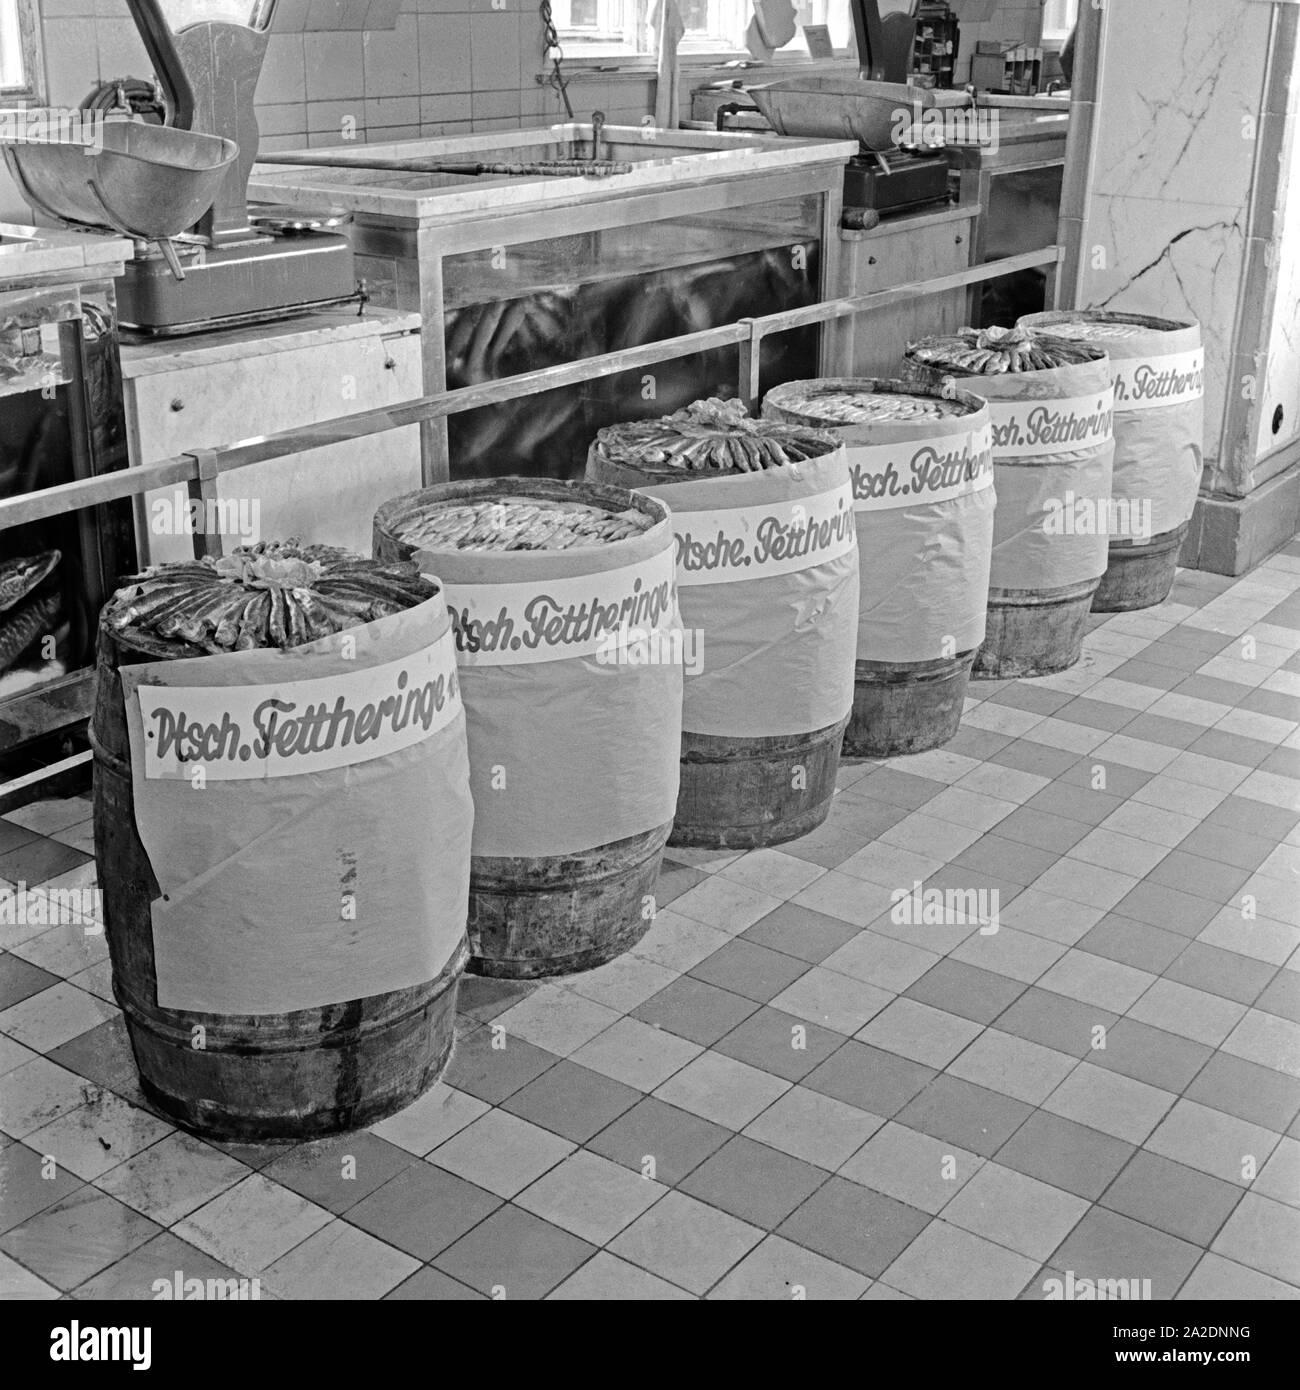 Die Fischabteilung in einem großen Lebensmittelgeschäft bietet deutsche Fettheringe an, Deutschland 1930er Jahre. The fish department at a grocery offering German fat herrings, Germany 1930s. Stock Photo